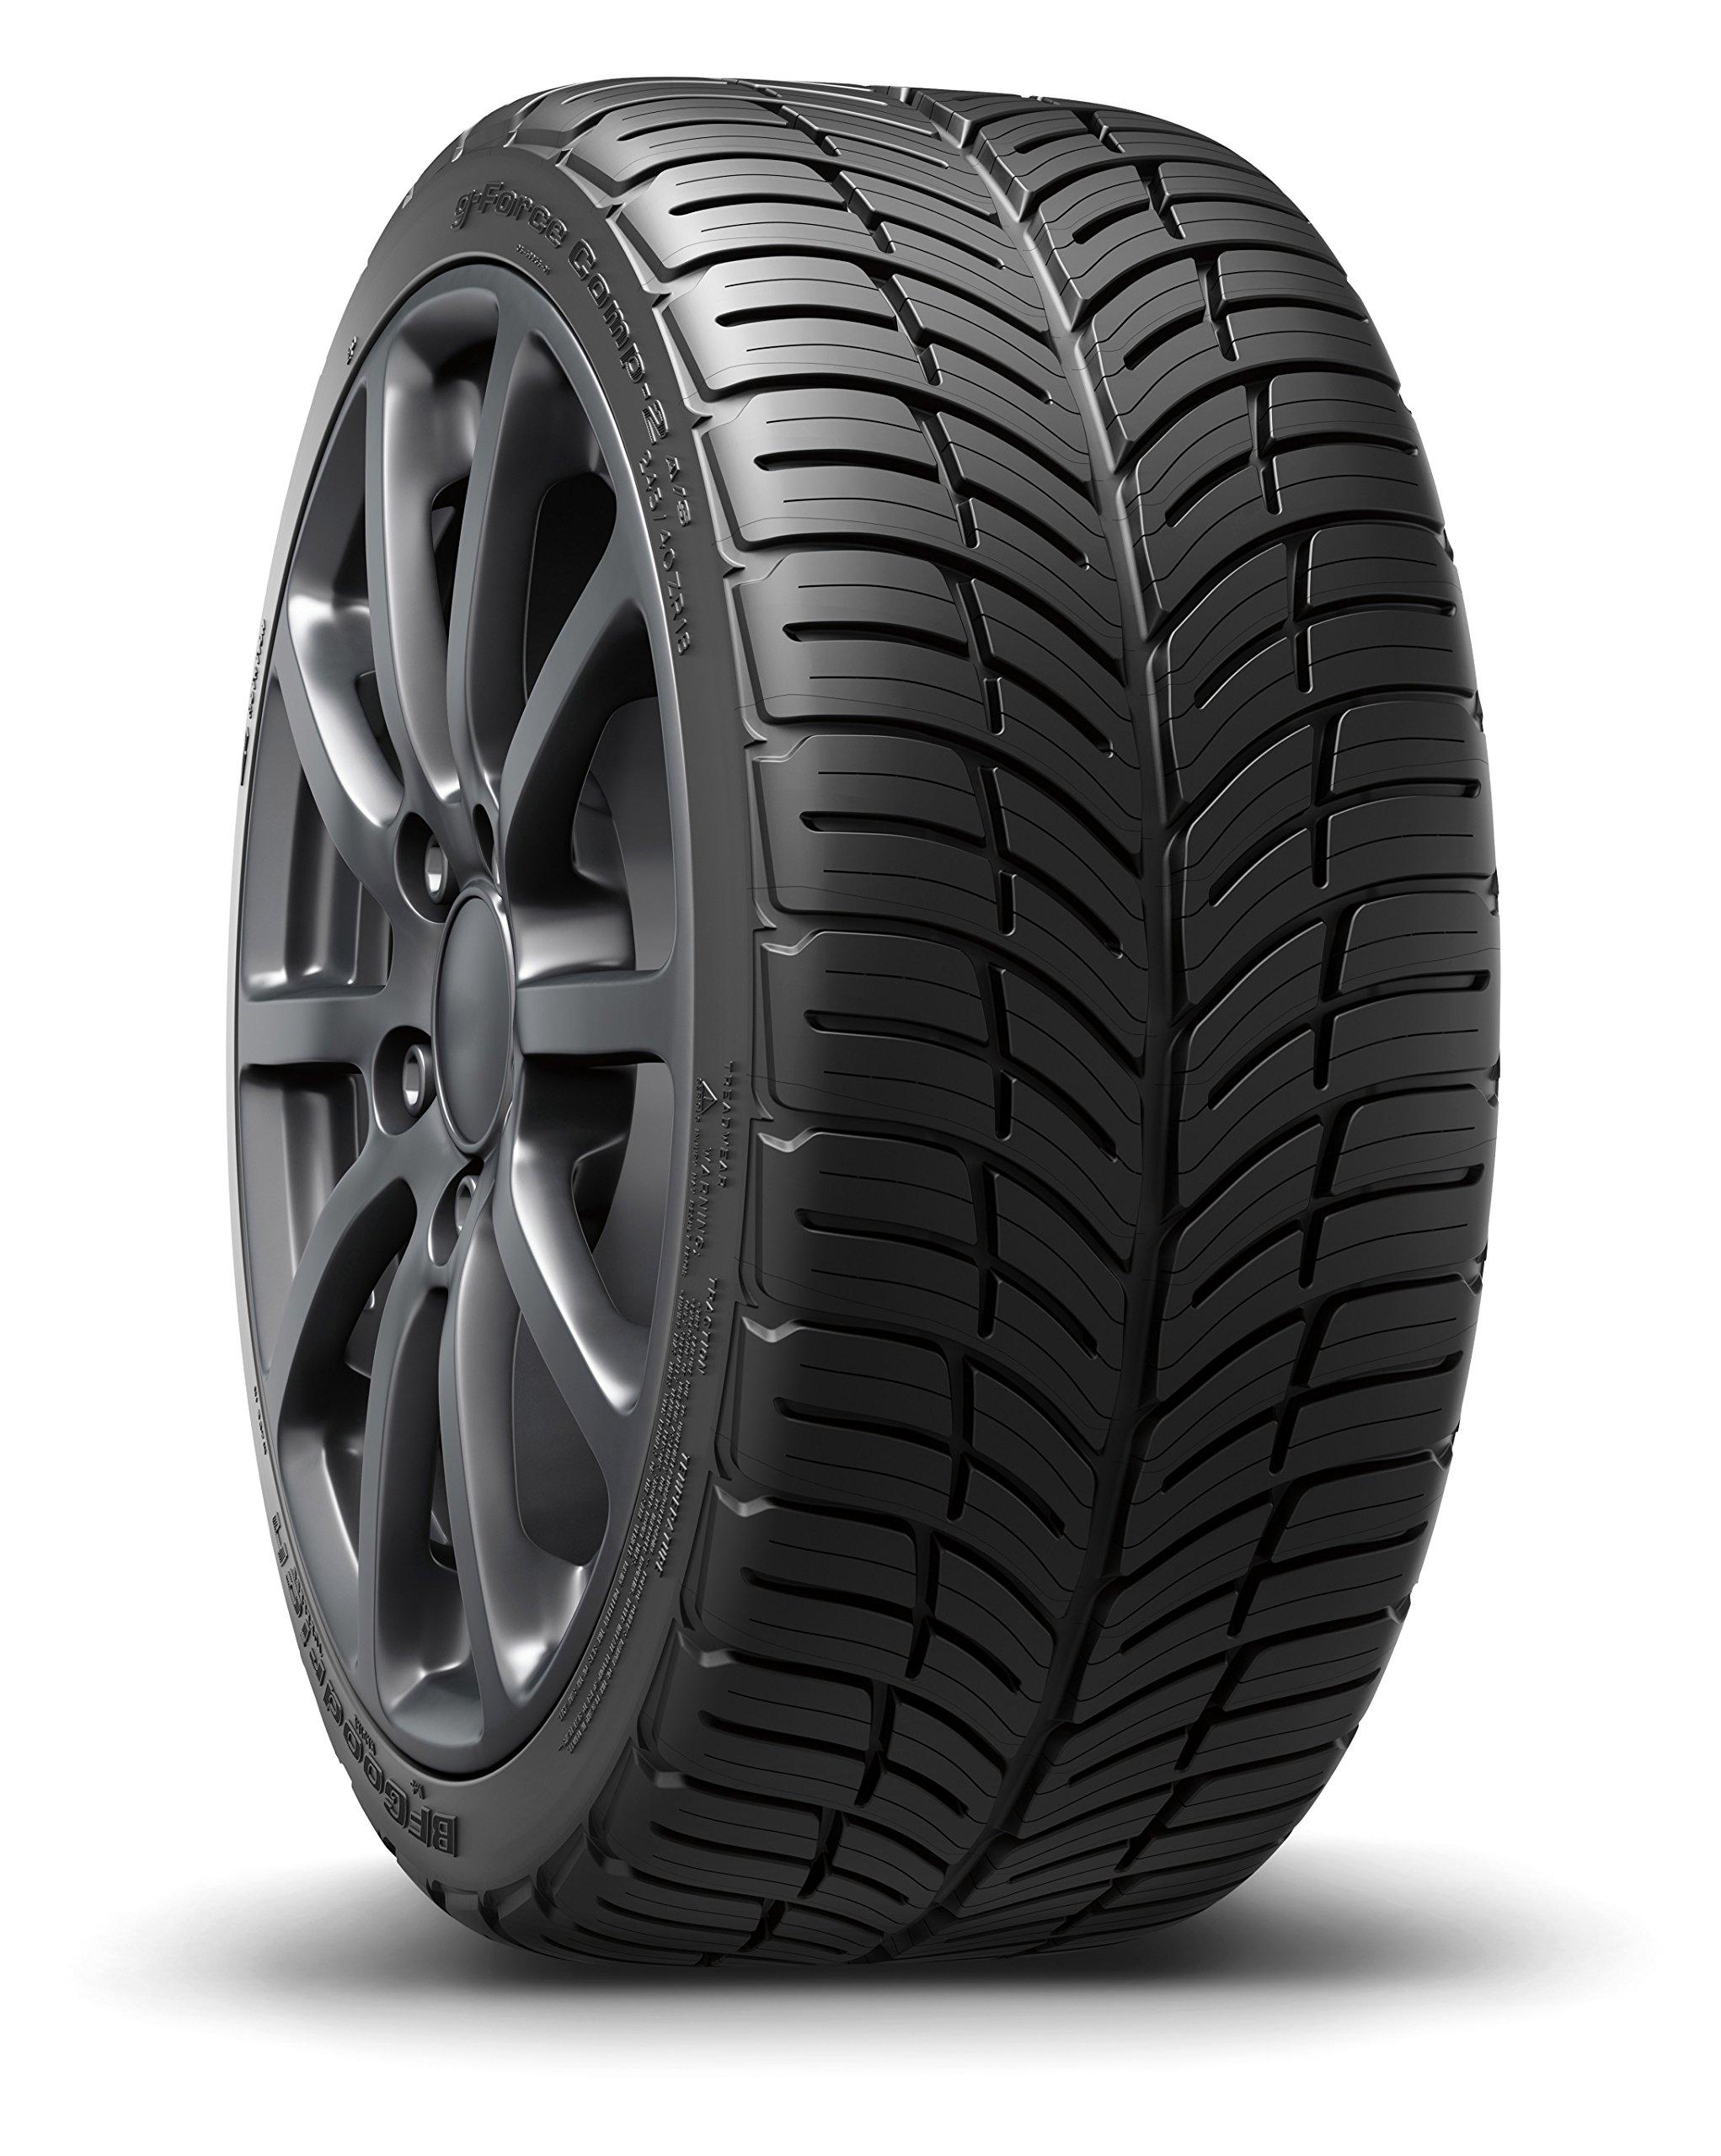 BFGoodrich g-Force COMP-2 A/S All-Season Radial Tire - 235/50ZR18 97W by BFGoodrich (Image #3)